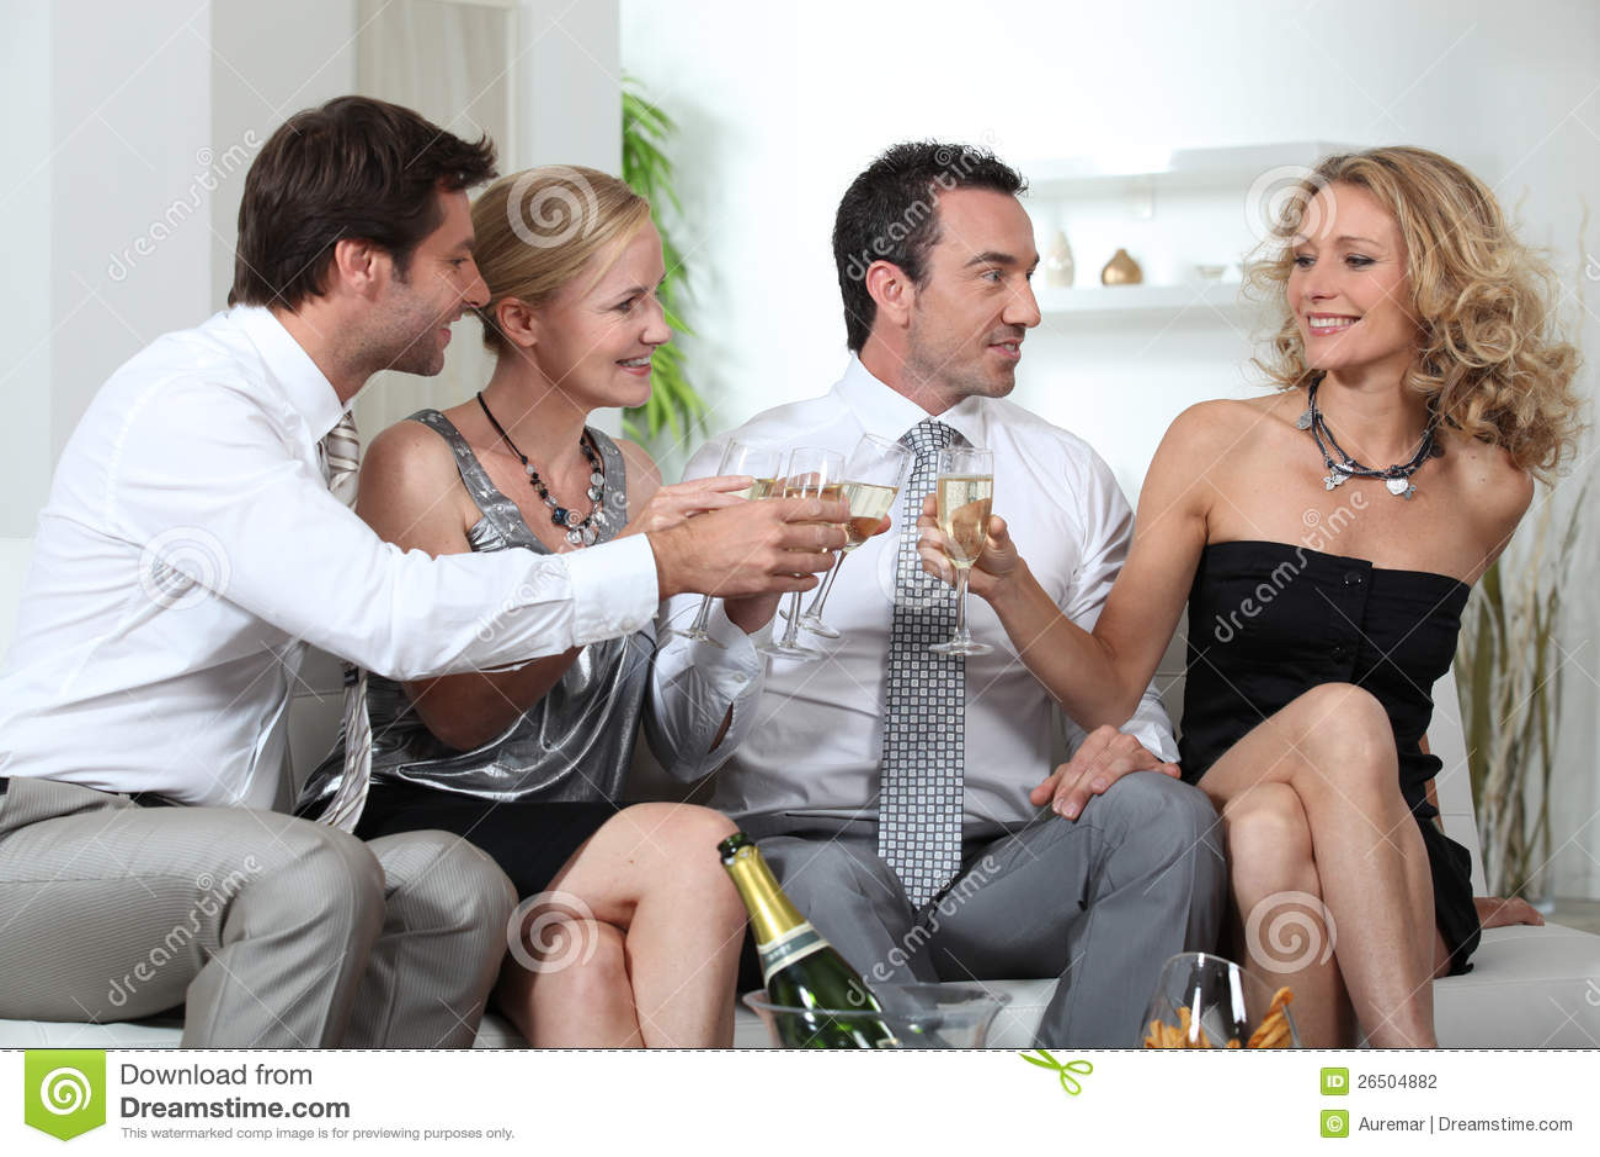 Семейная пара би петербург 4 фотография